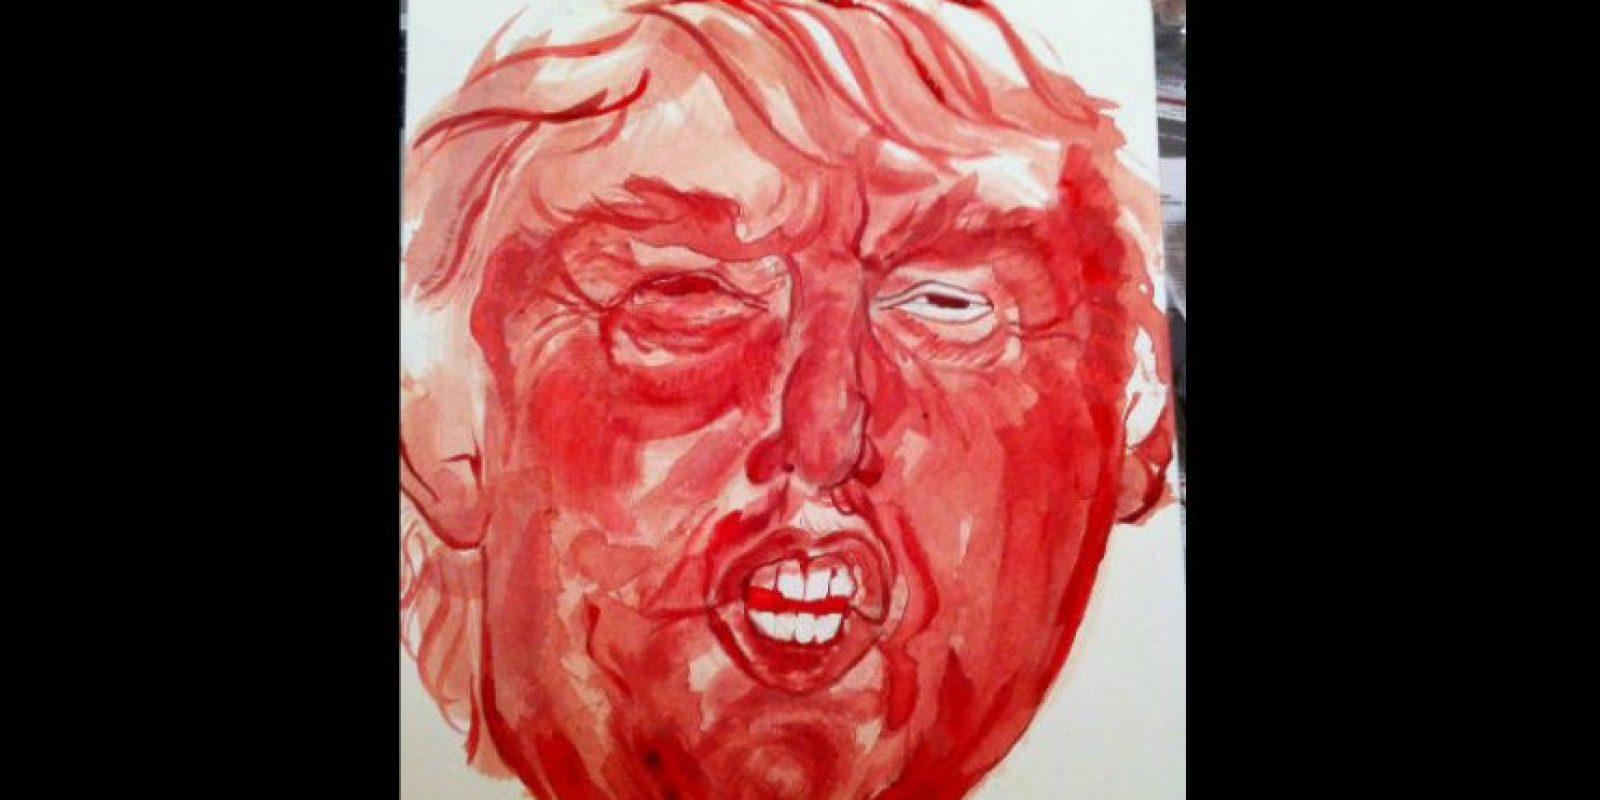 Sarah Levy decidió hacer este retrato con la intención de manifestarse ante los comentarios contra inmigrantes ilegales del precandidato Donald Trump. Foto:Vía sarahlevyart.wordpress.com